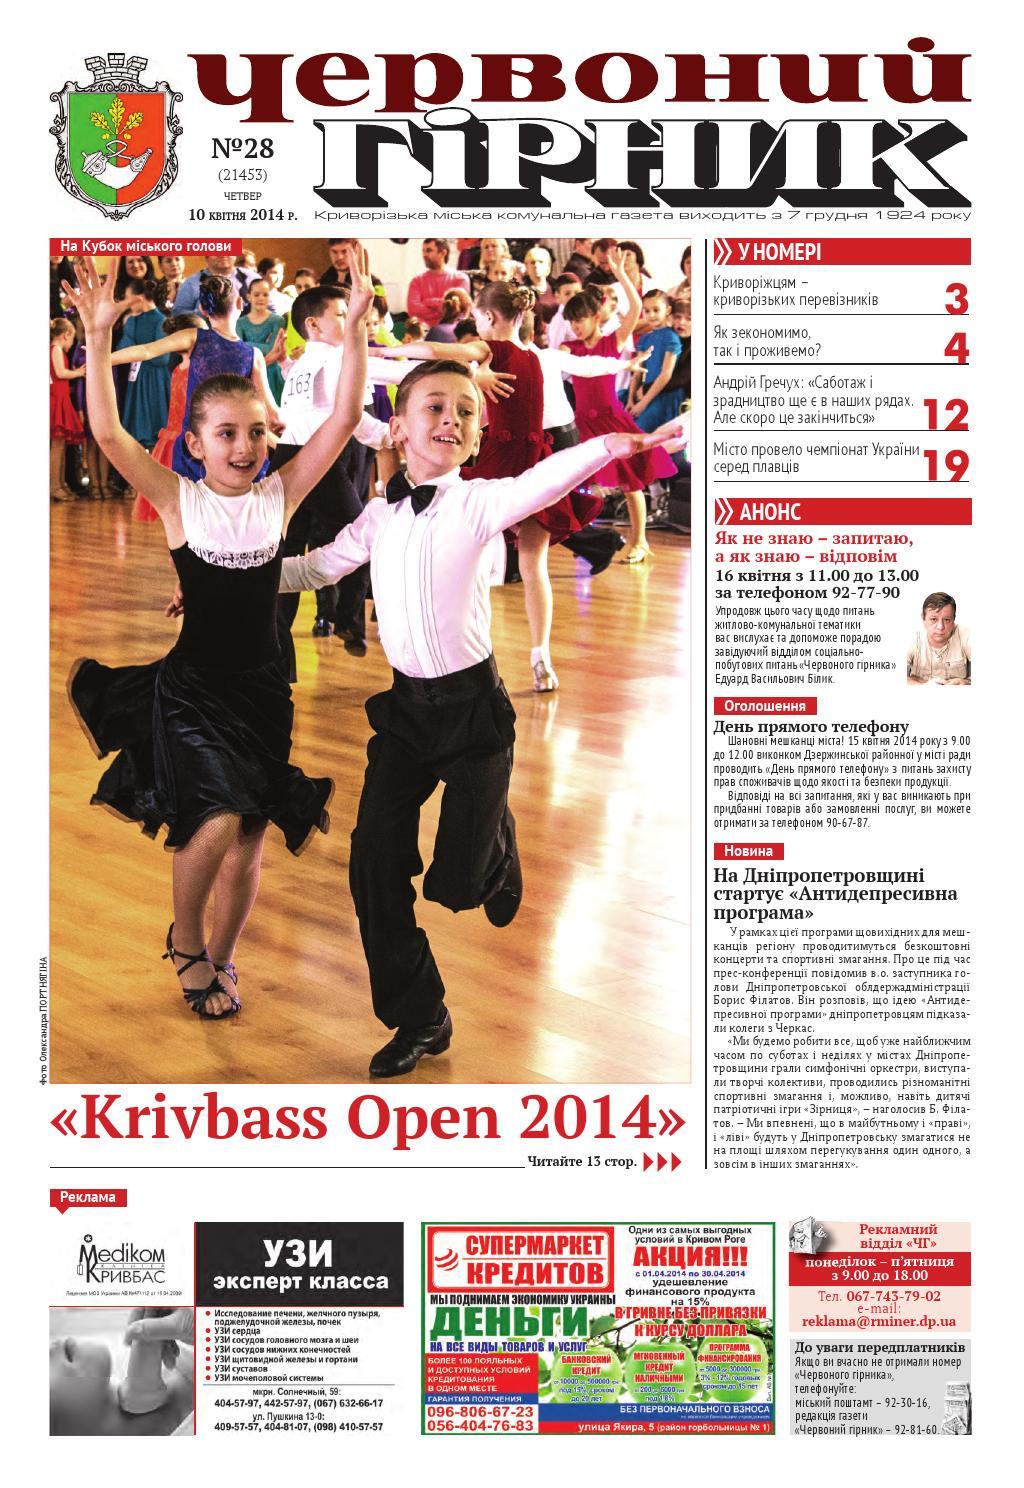 №28 (21453) 10 квітня 2014 by The newspaper